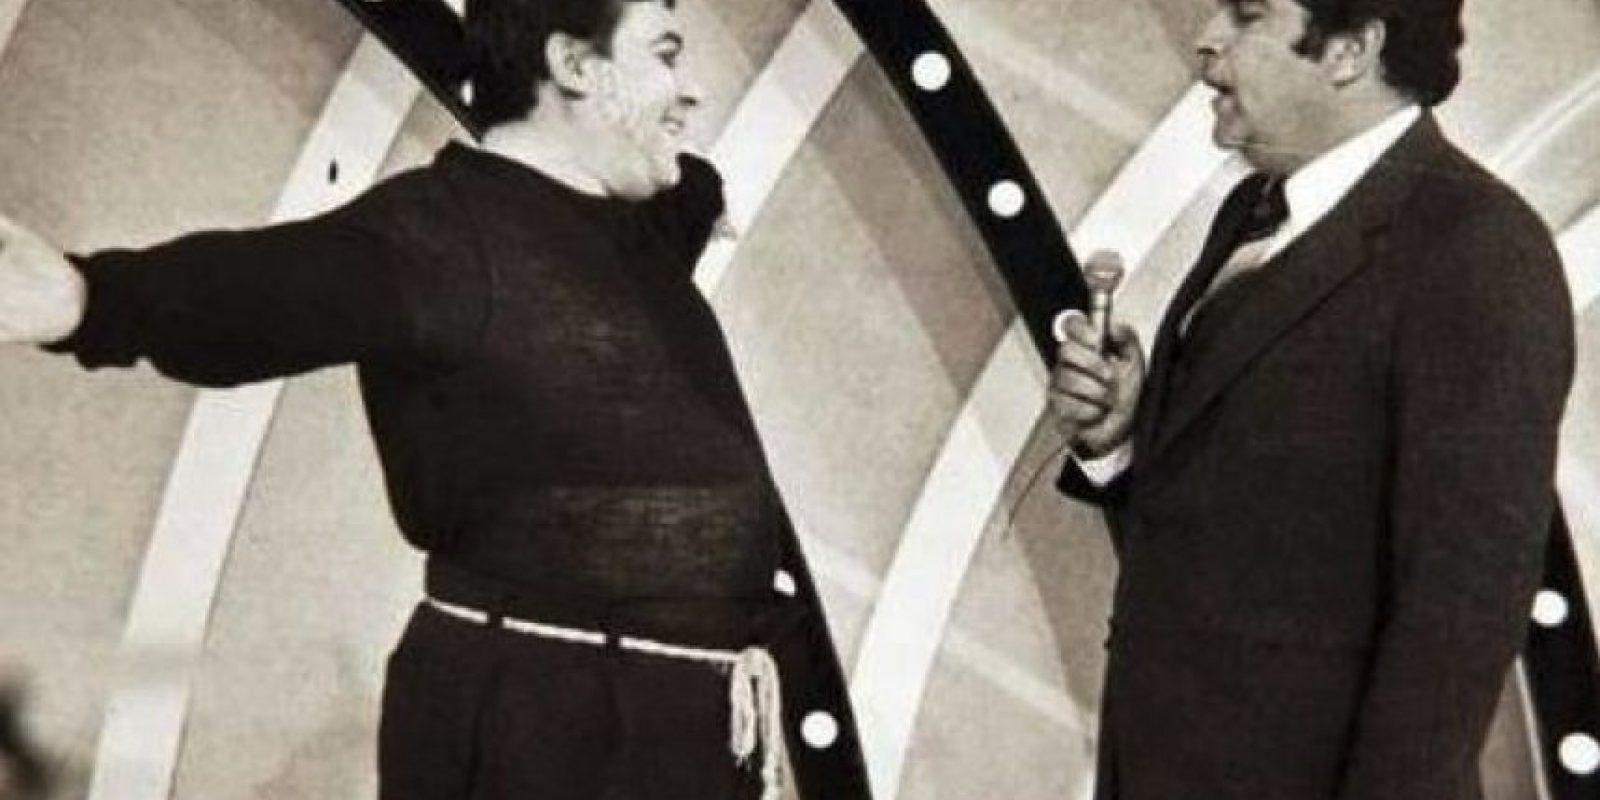 """El cantante Armano Navarrete dio vida al personaje """"Mandolino"""", quien interpretaba junto al conductor el tema """"¡Oiga Don Francisco!"""". Foto:Vía Twitter.com/Sabadogigante"""